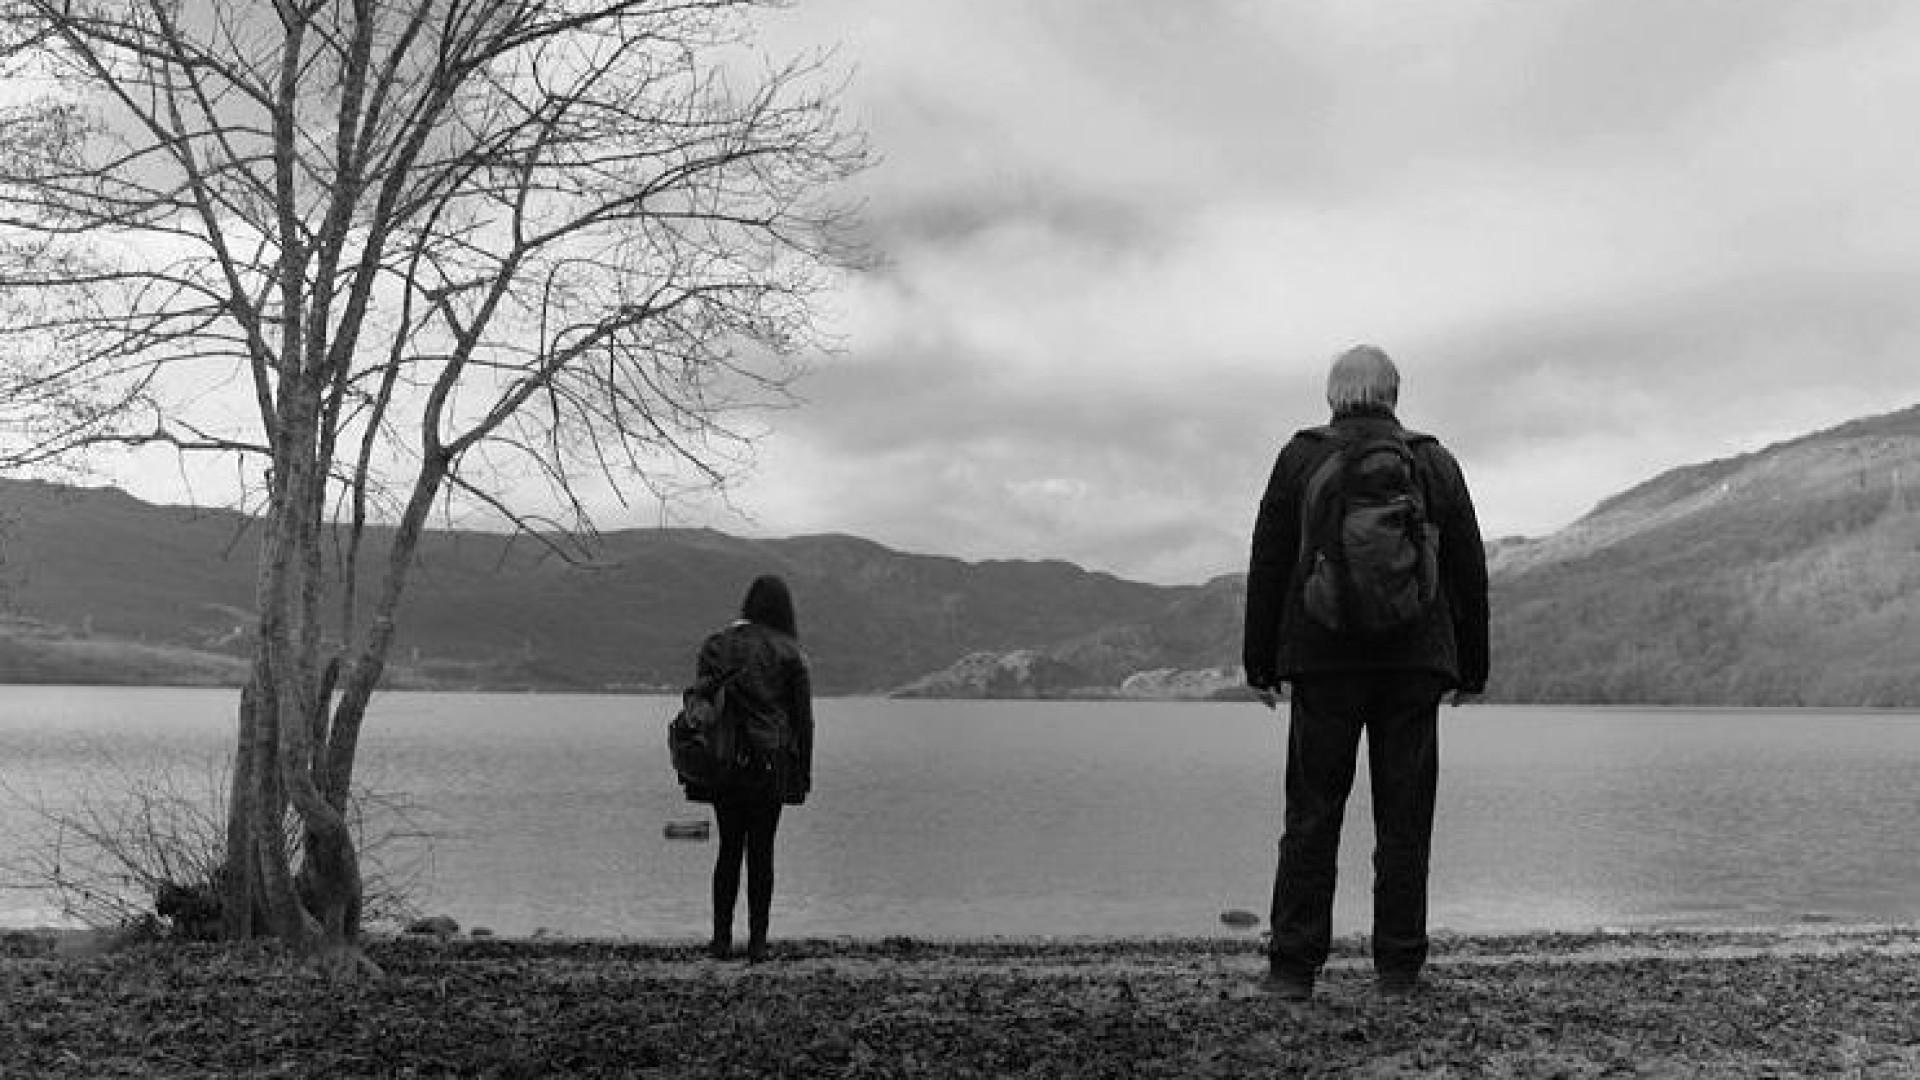 Festival dedicado ao paranormal conta com 27 filmes a concurso no Fundão